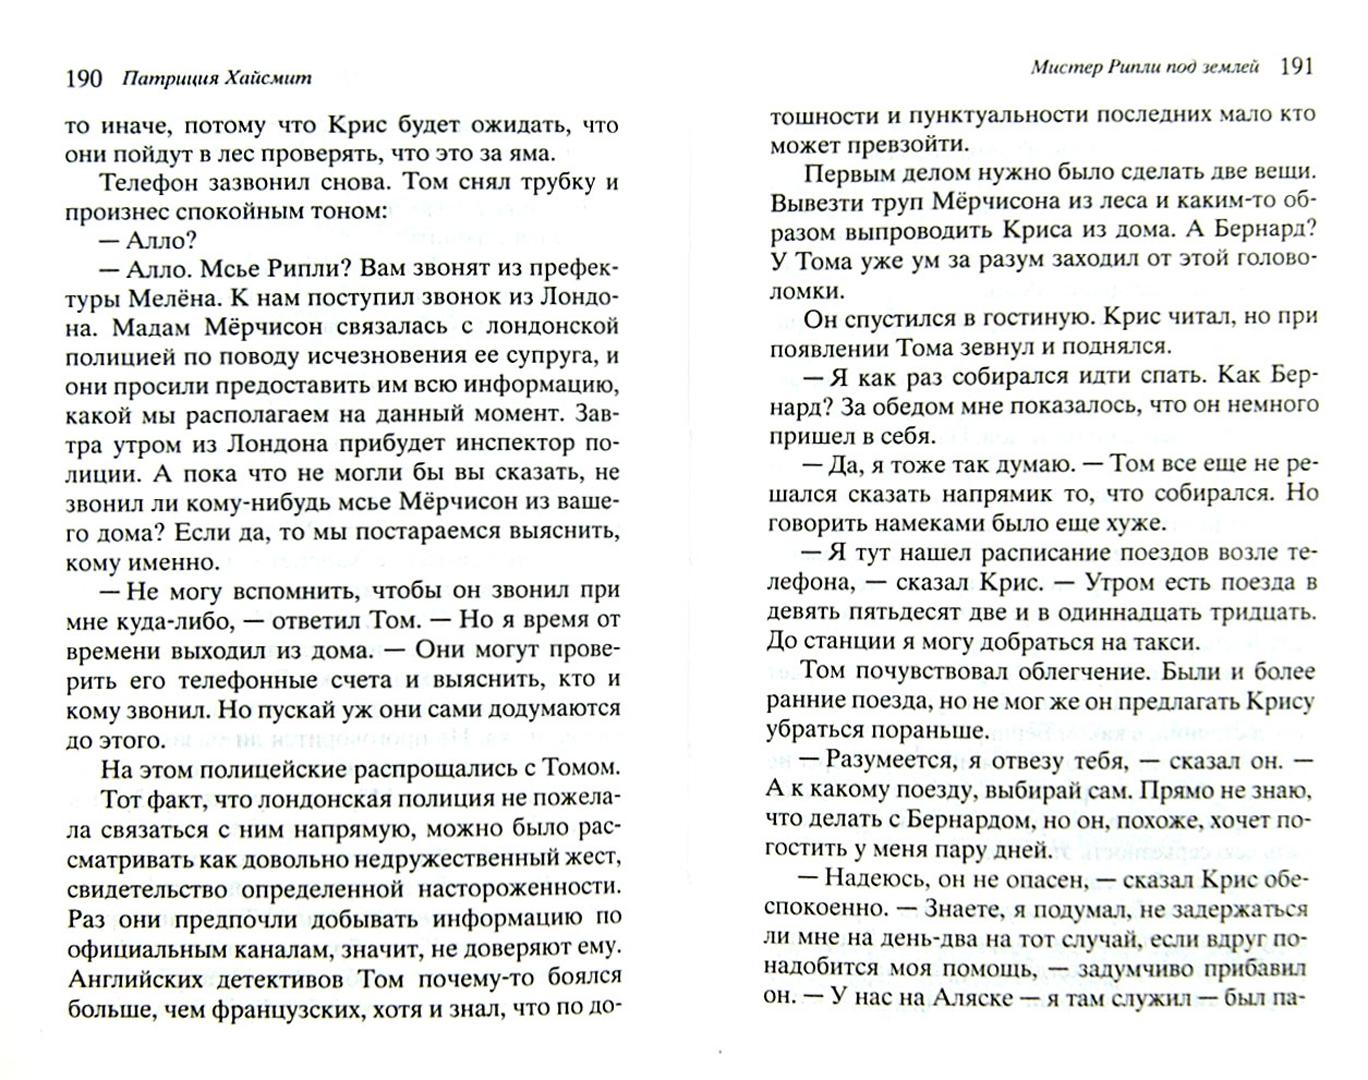 Иллюстрация 1 из 13 для Мистер Рипли под землей - Патриция Хайсмит | Лабиринт - книги. Источник: Лабиринт